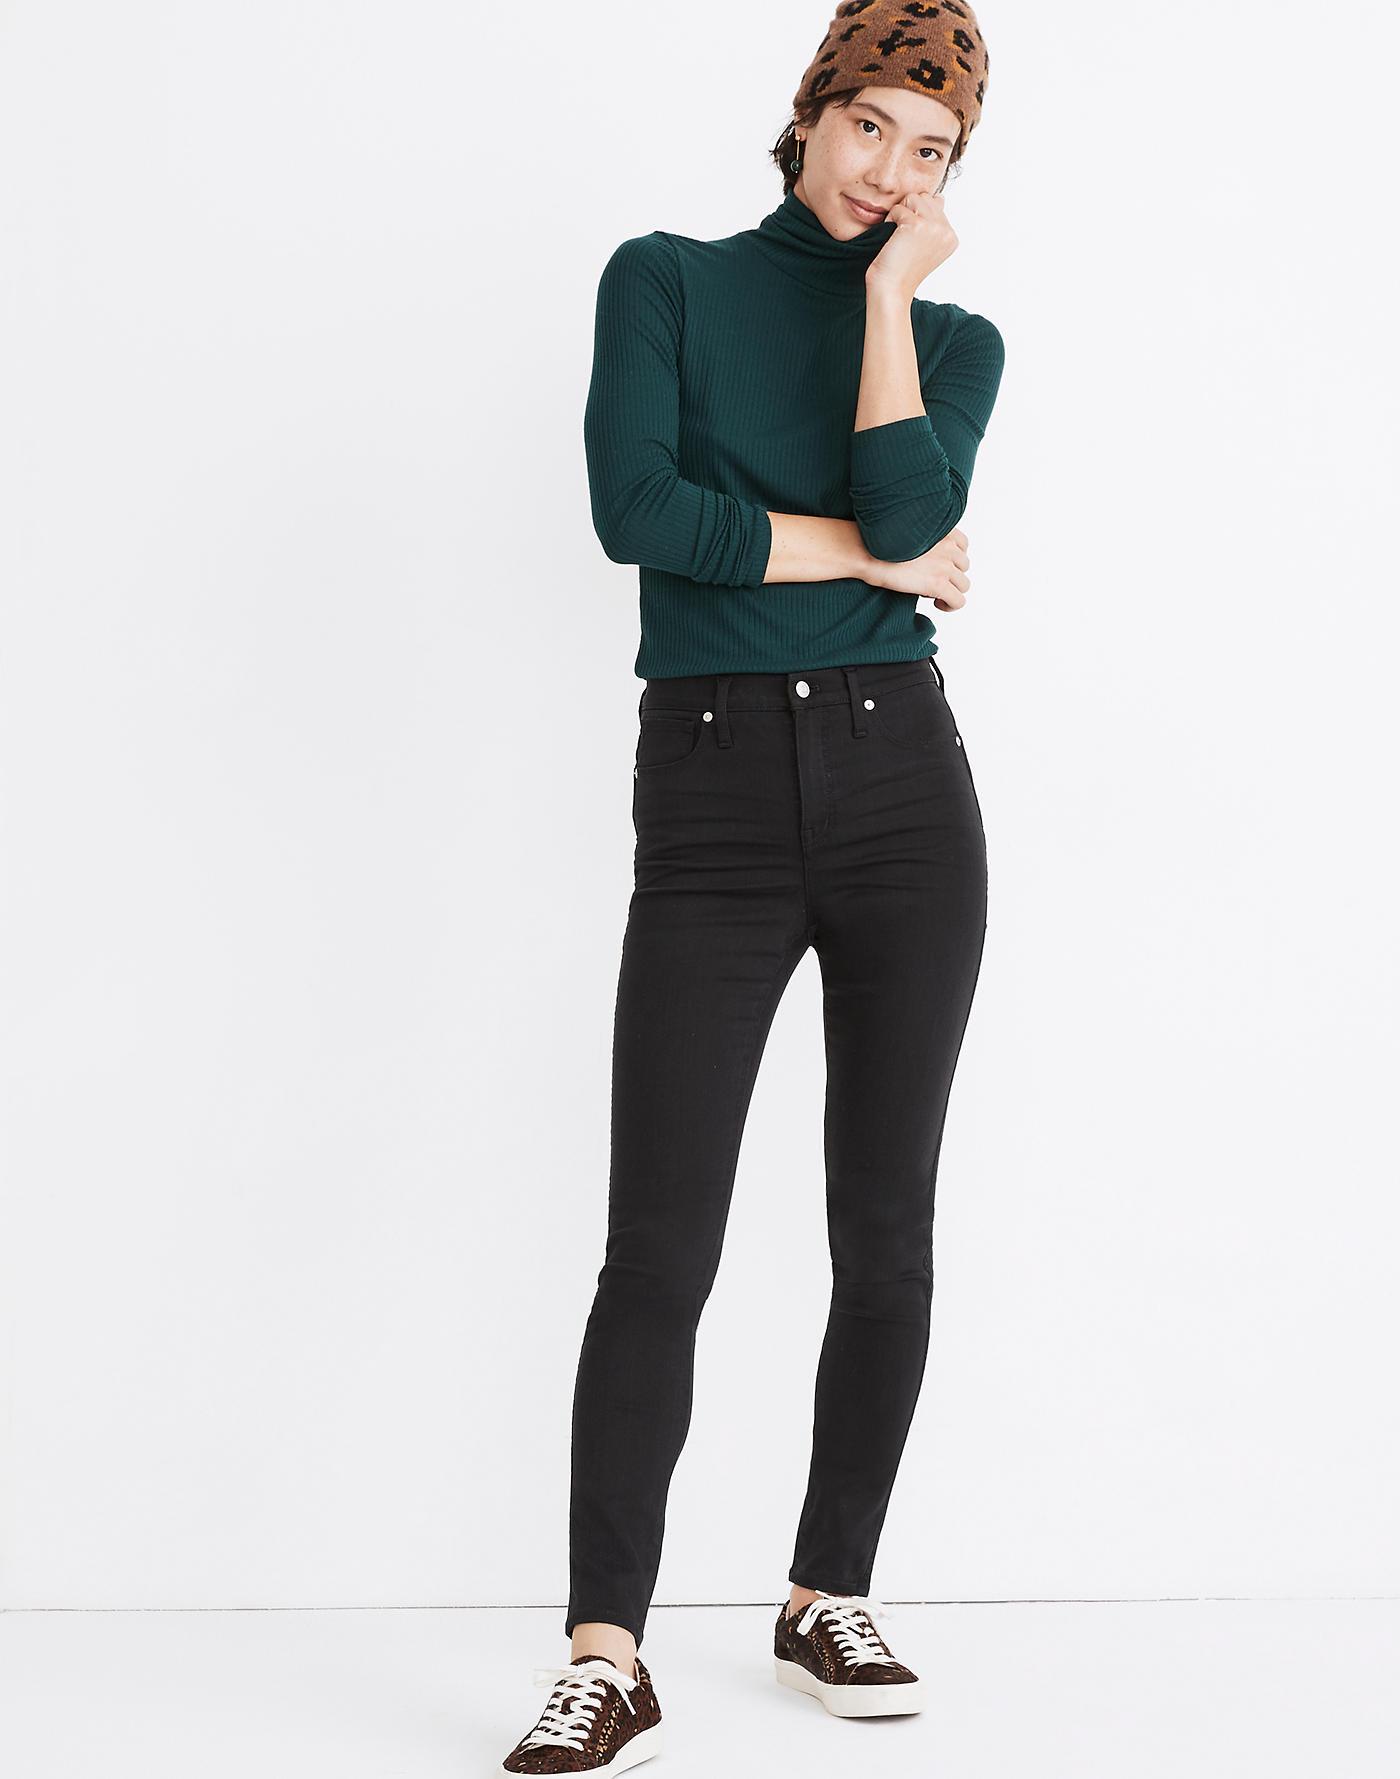 Madewell 10 High-Rise Skinny Jeans in Lunar Wash: TENCEL Denim Edition